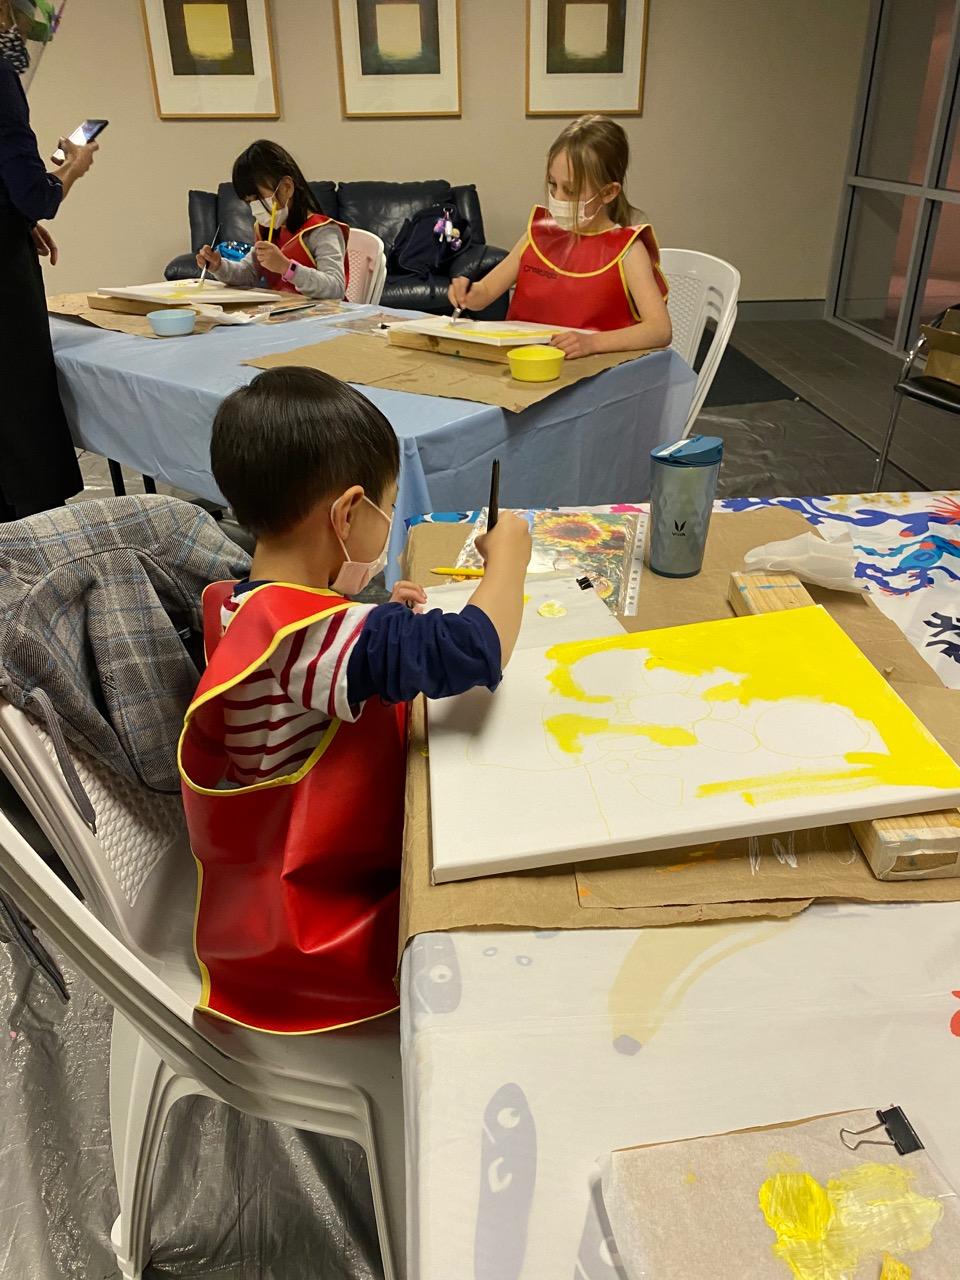 Les Petits Painters, art classes Sydney, art lessons for kids